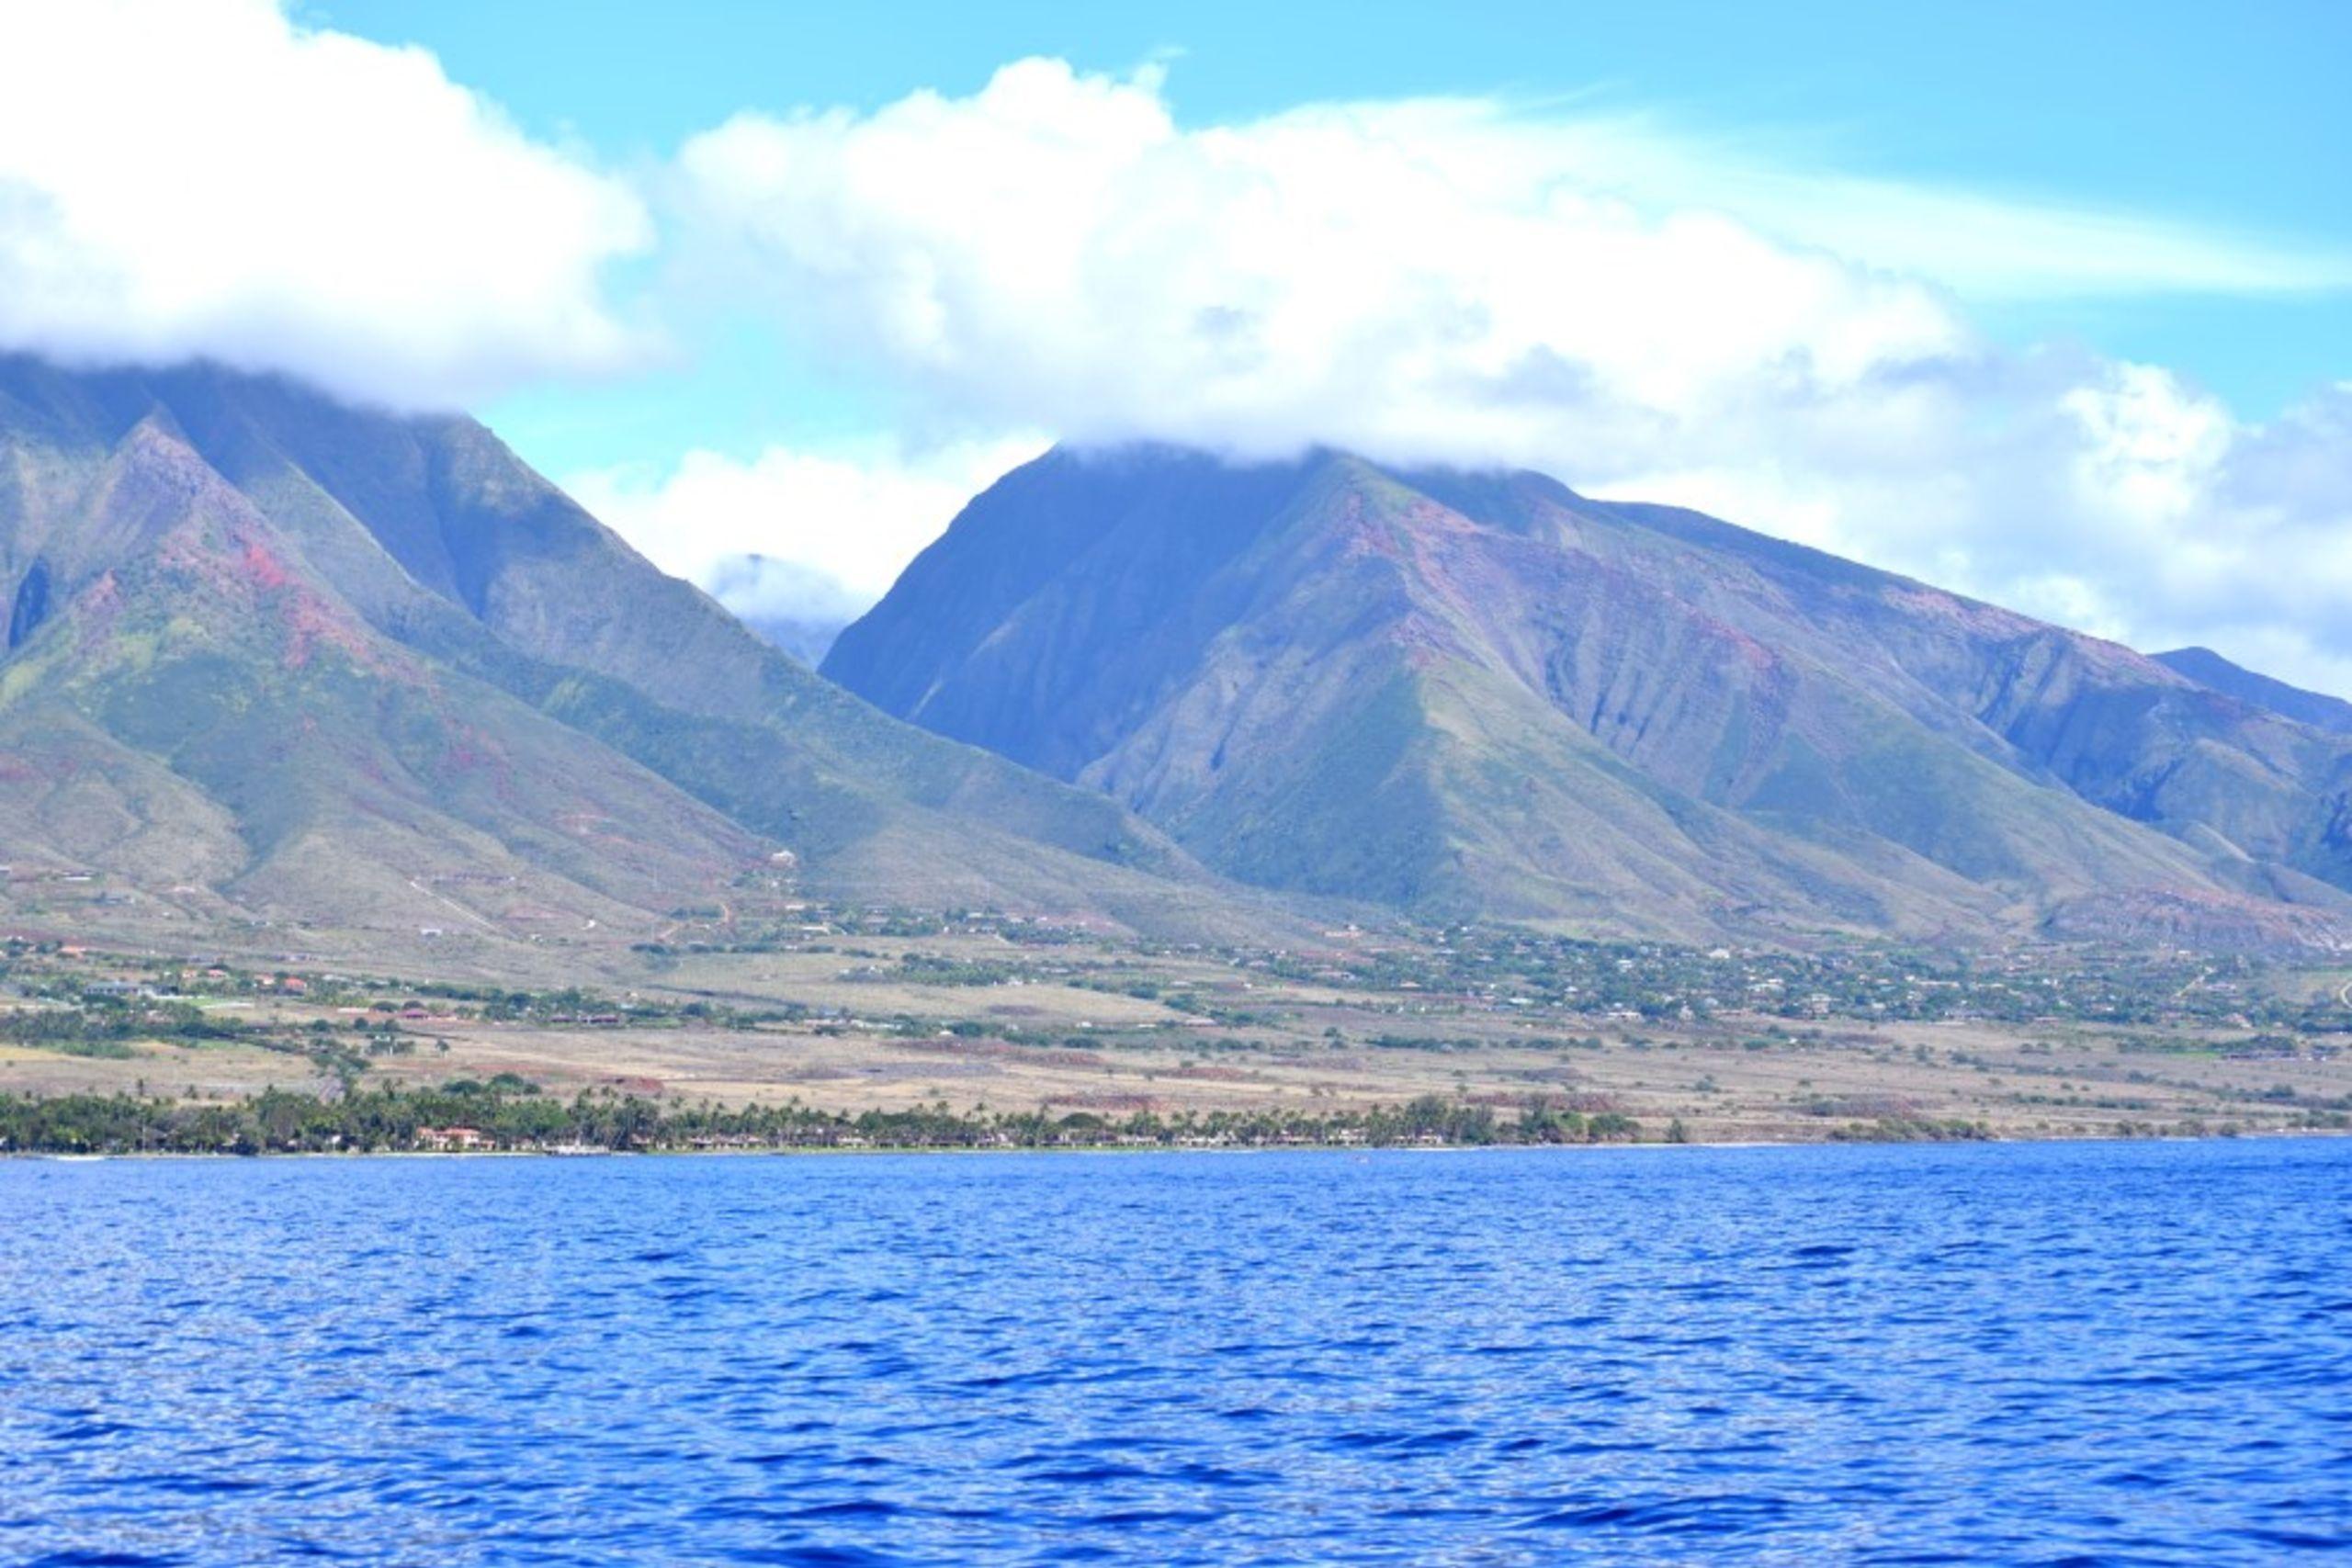 Launiupoko, Maui